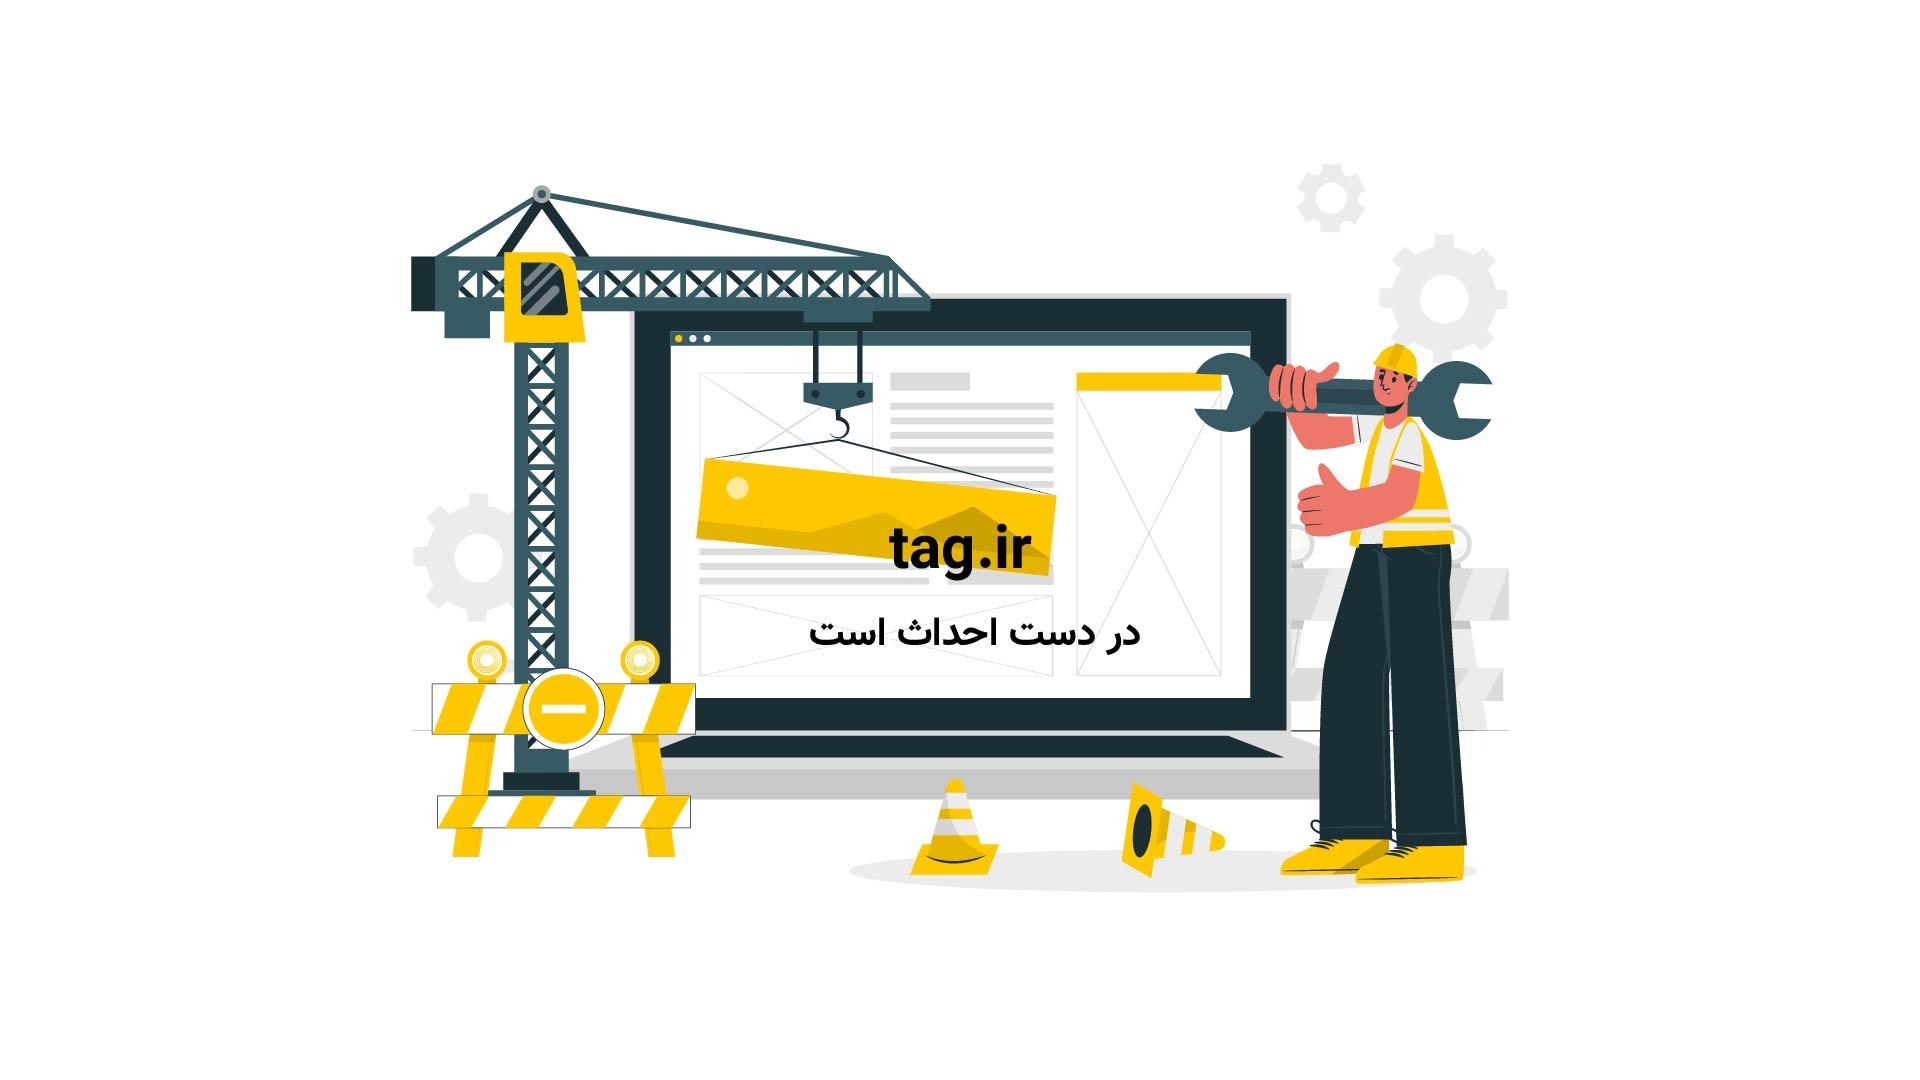 سقوط مرگبار هلیکوپتر مالک باشگاه لسترسیتی در نزدیکی ورزشگاه کینگ پاور   فیلم